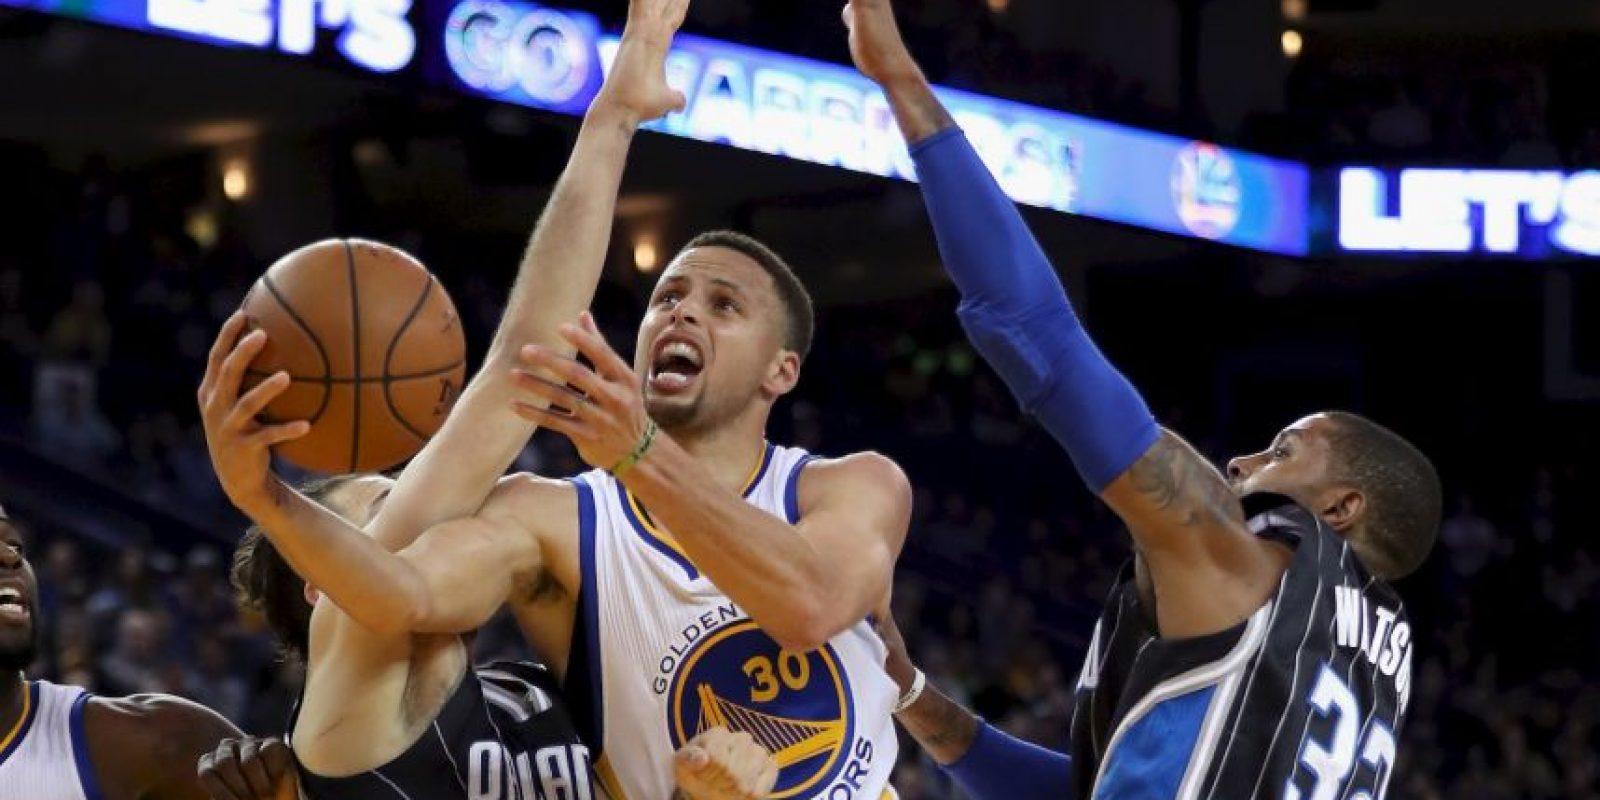 Busca el bicampeonato en la mejor liga de baloncesto del mundo Foto:Getty Images